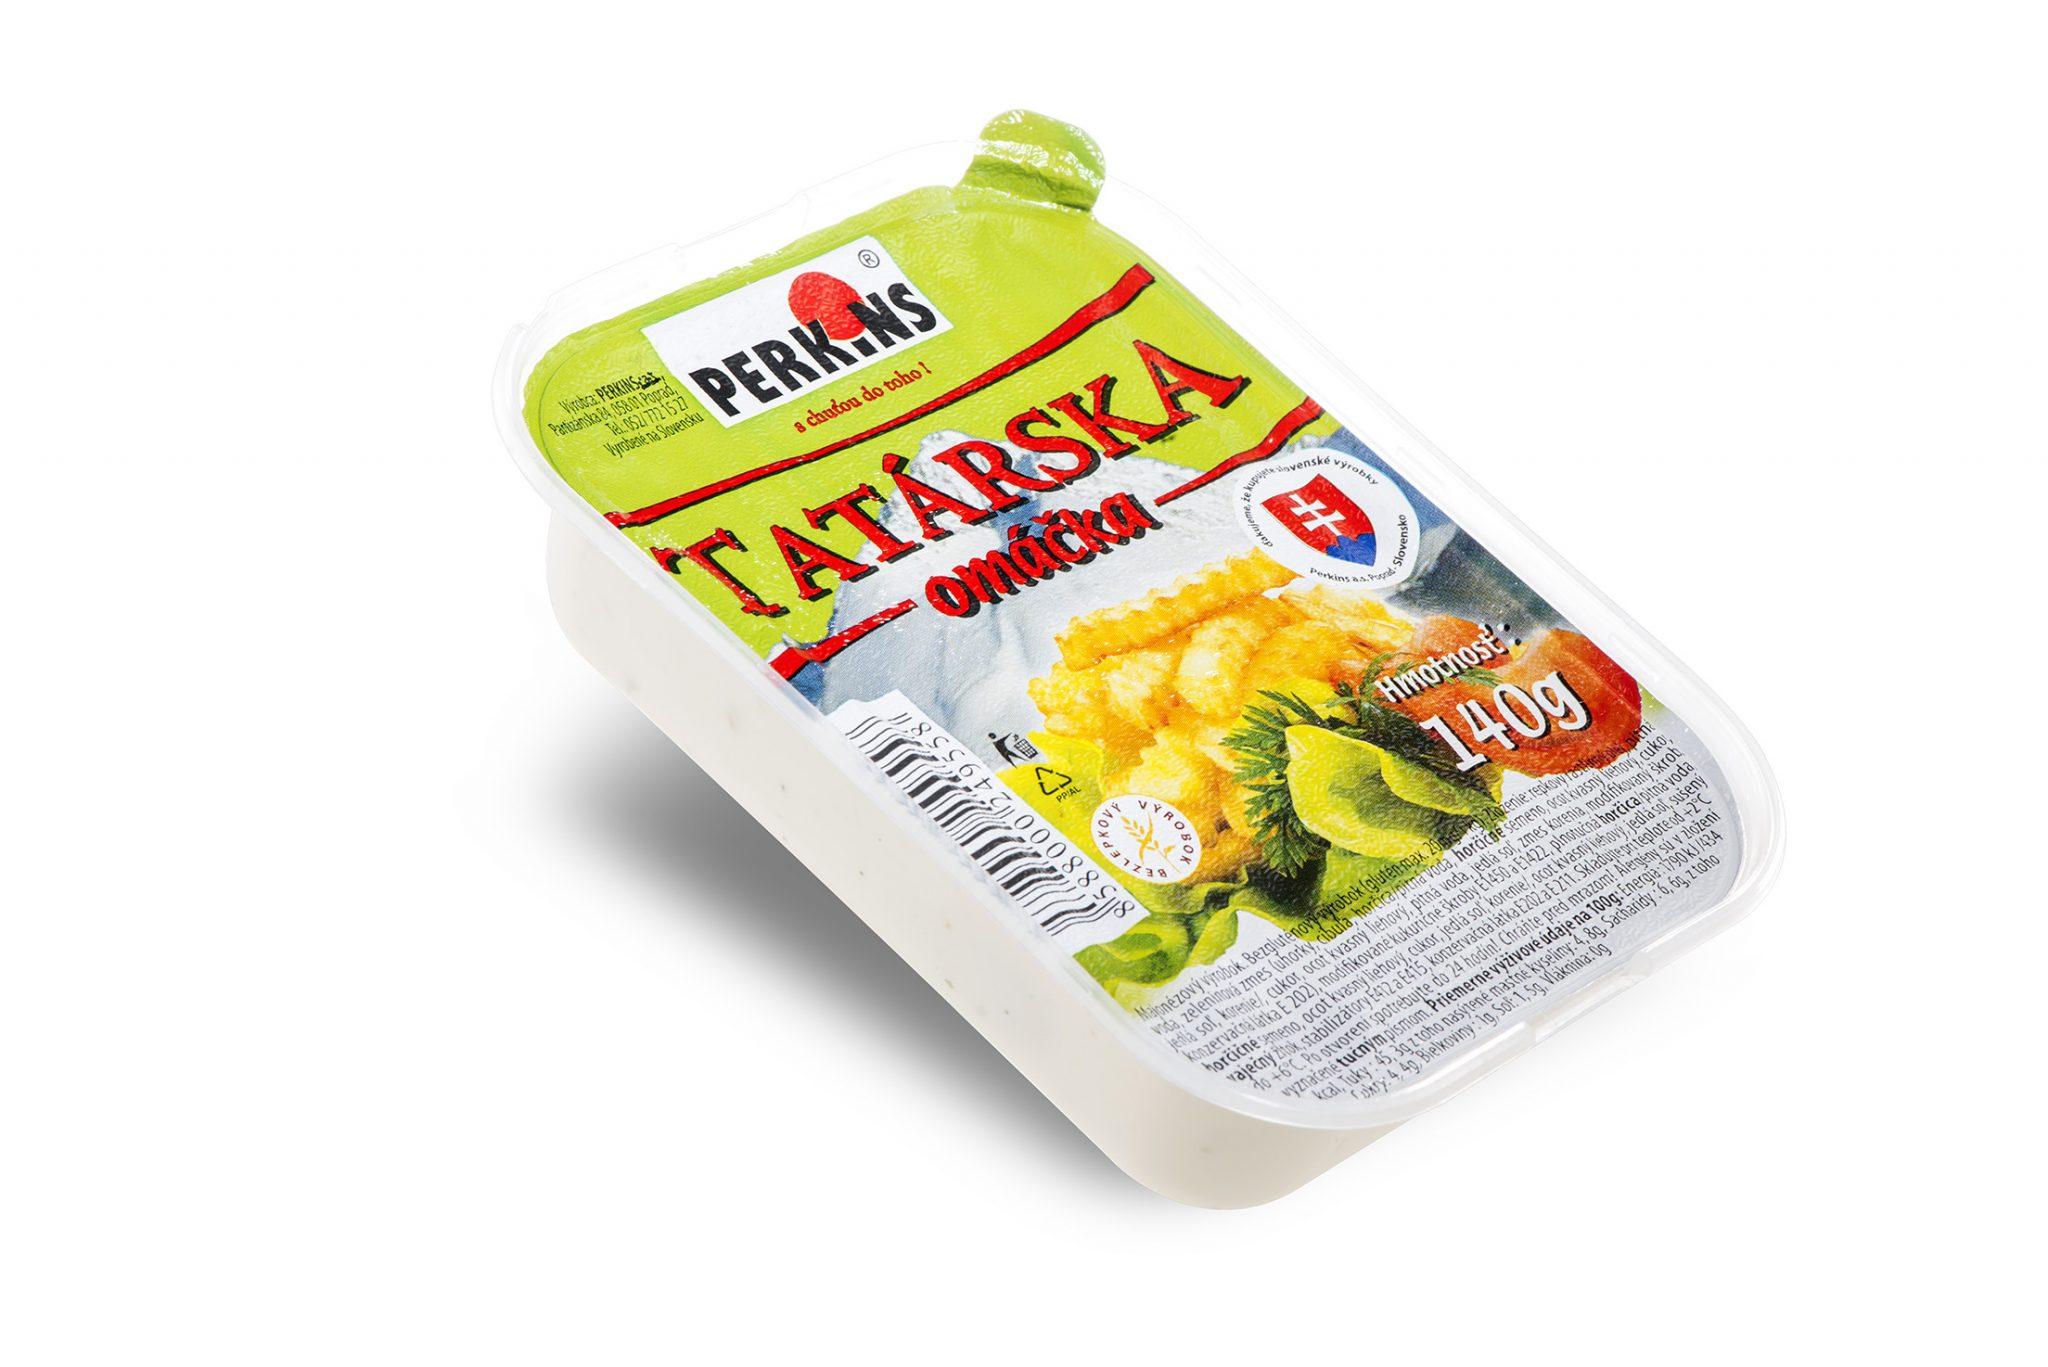 tatarska_om_140g copy